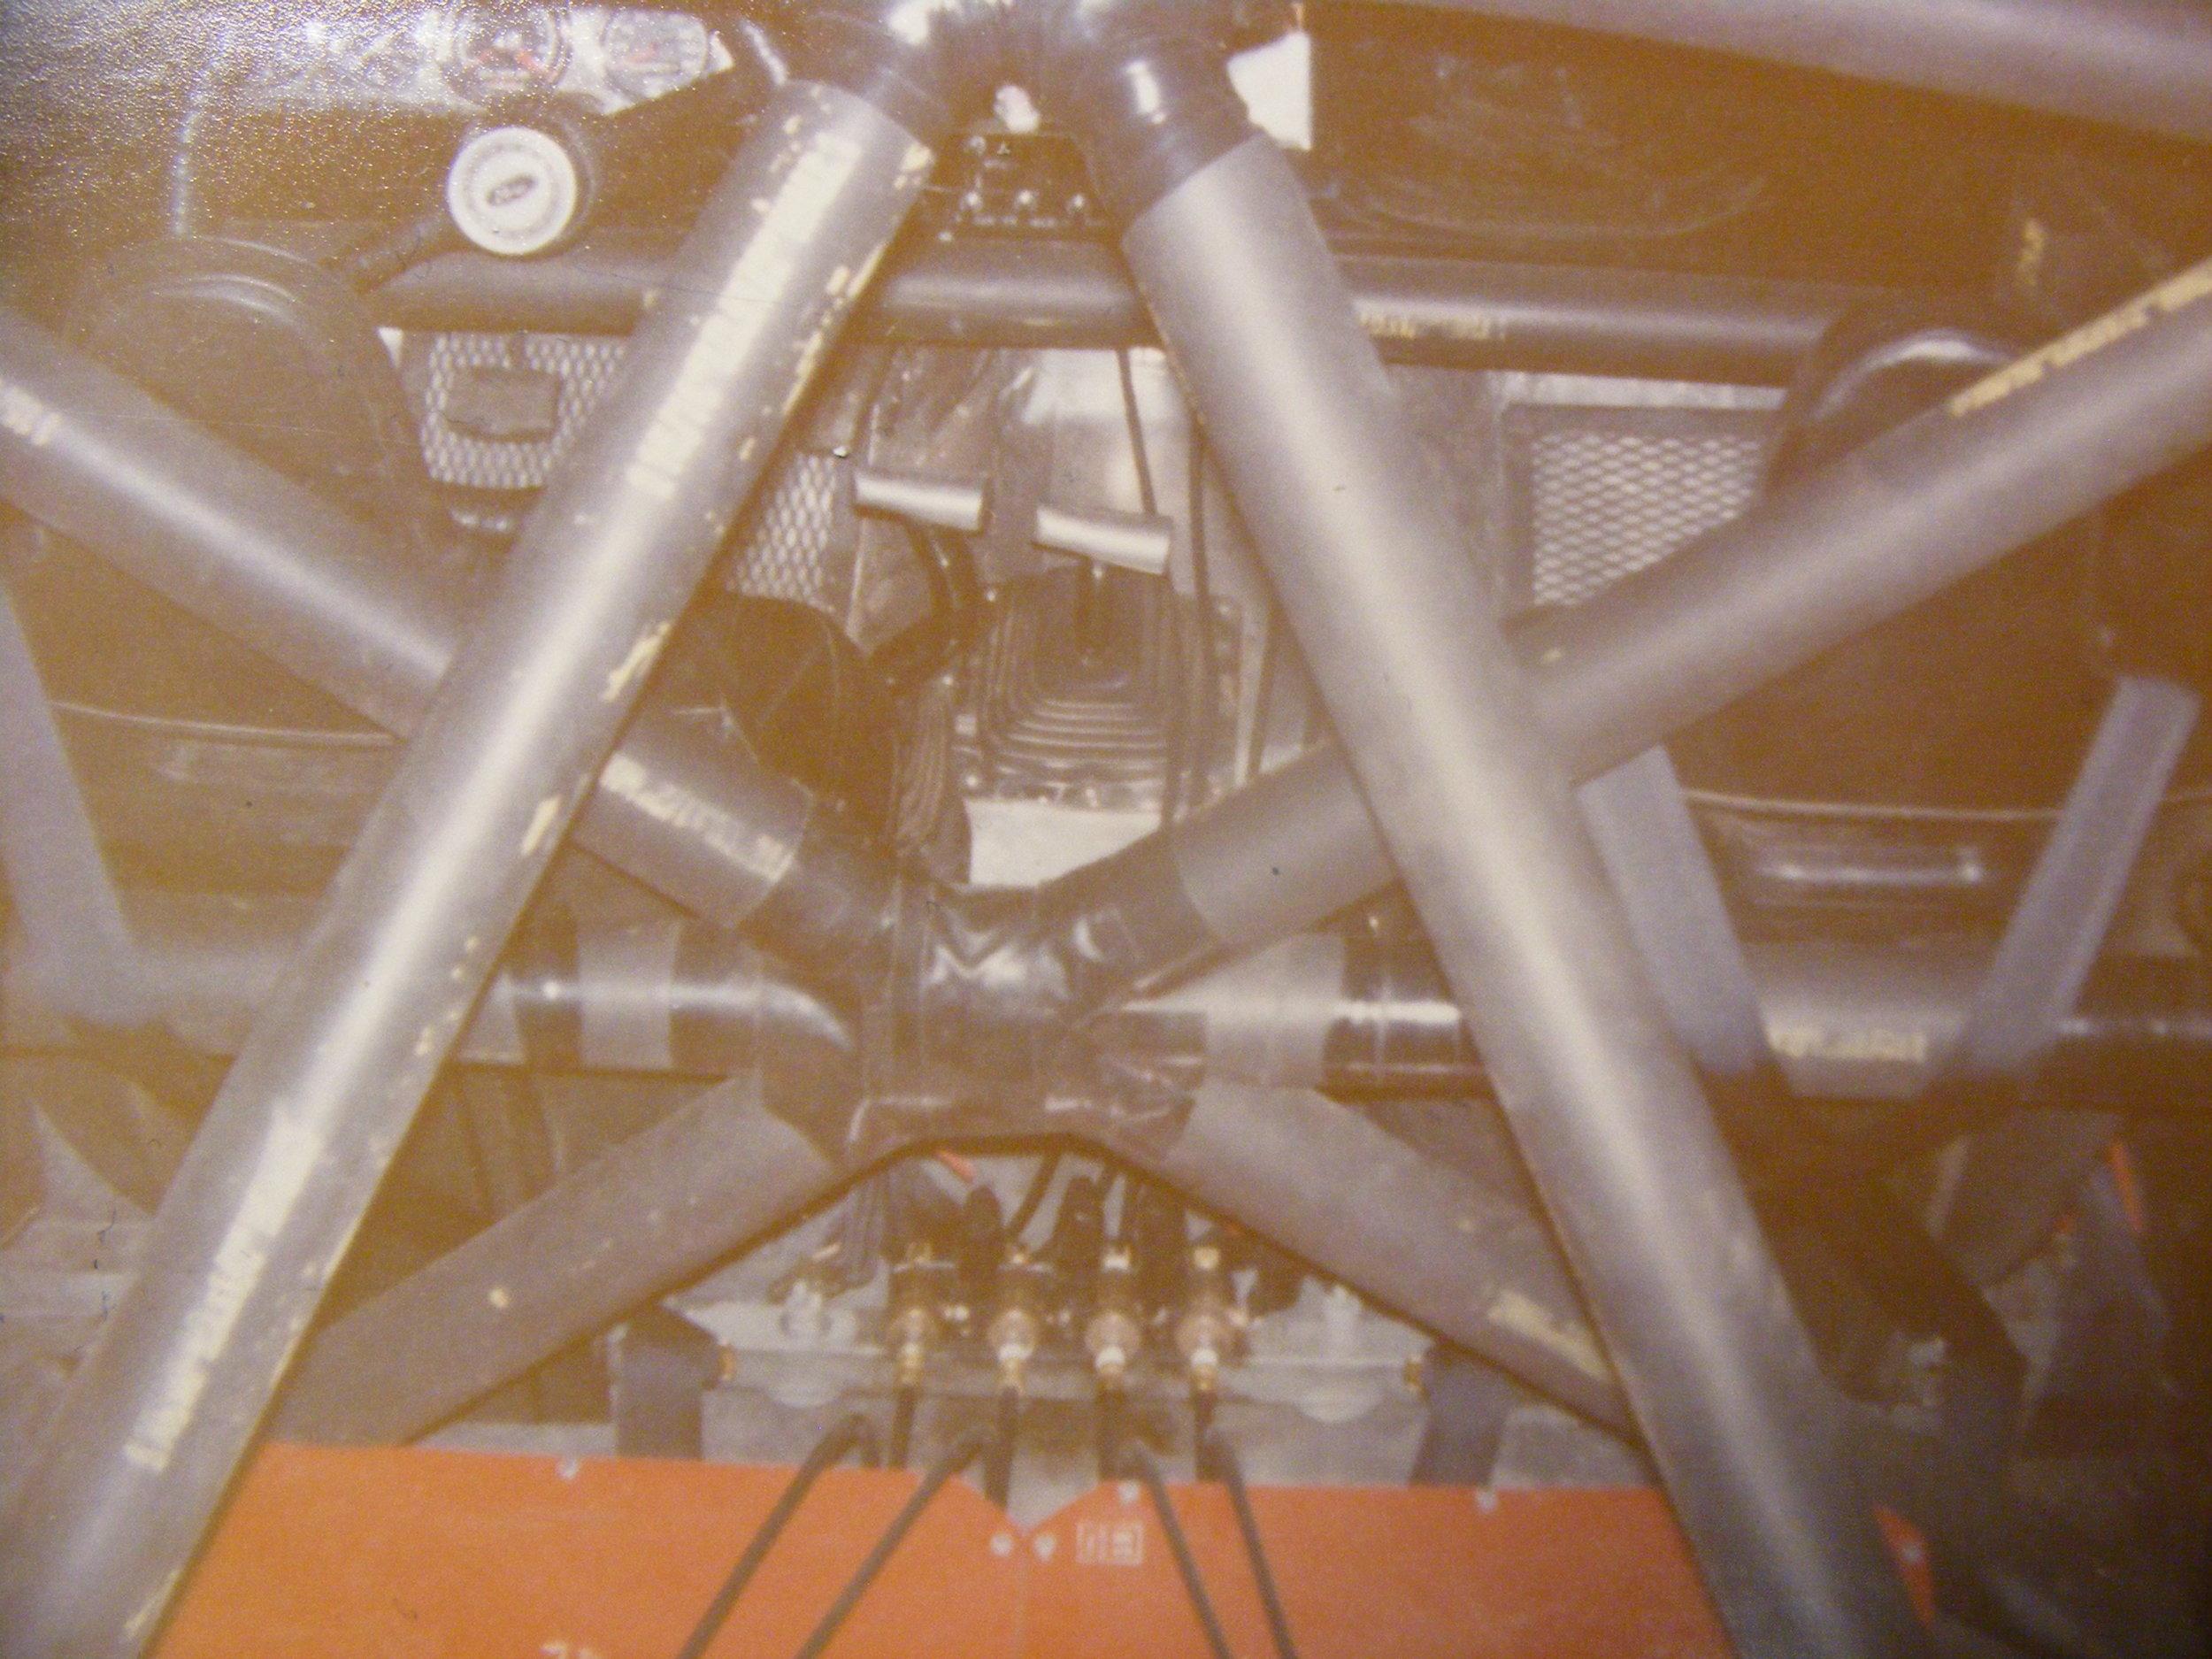 DSCF3040.JPG